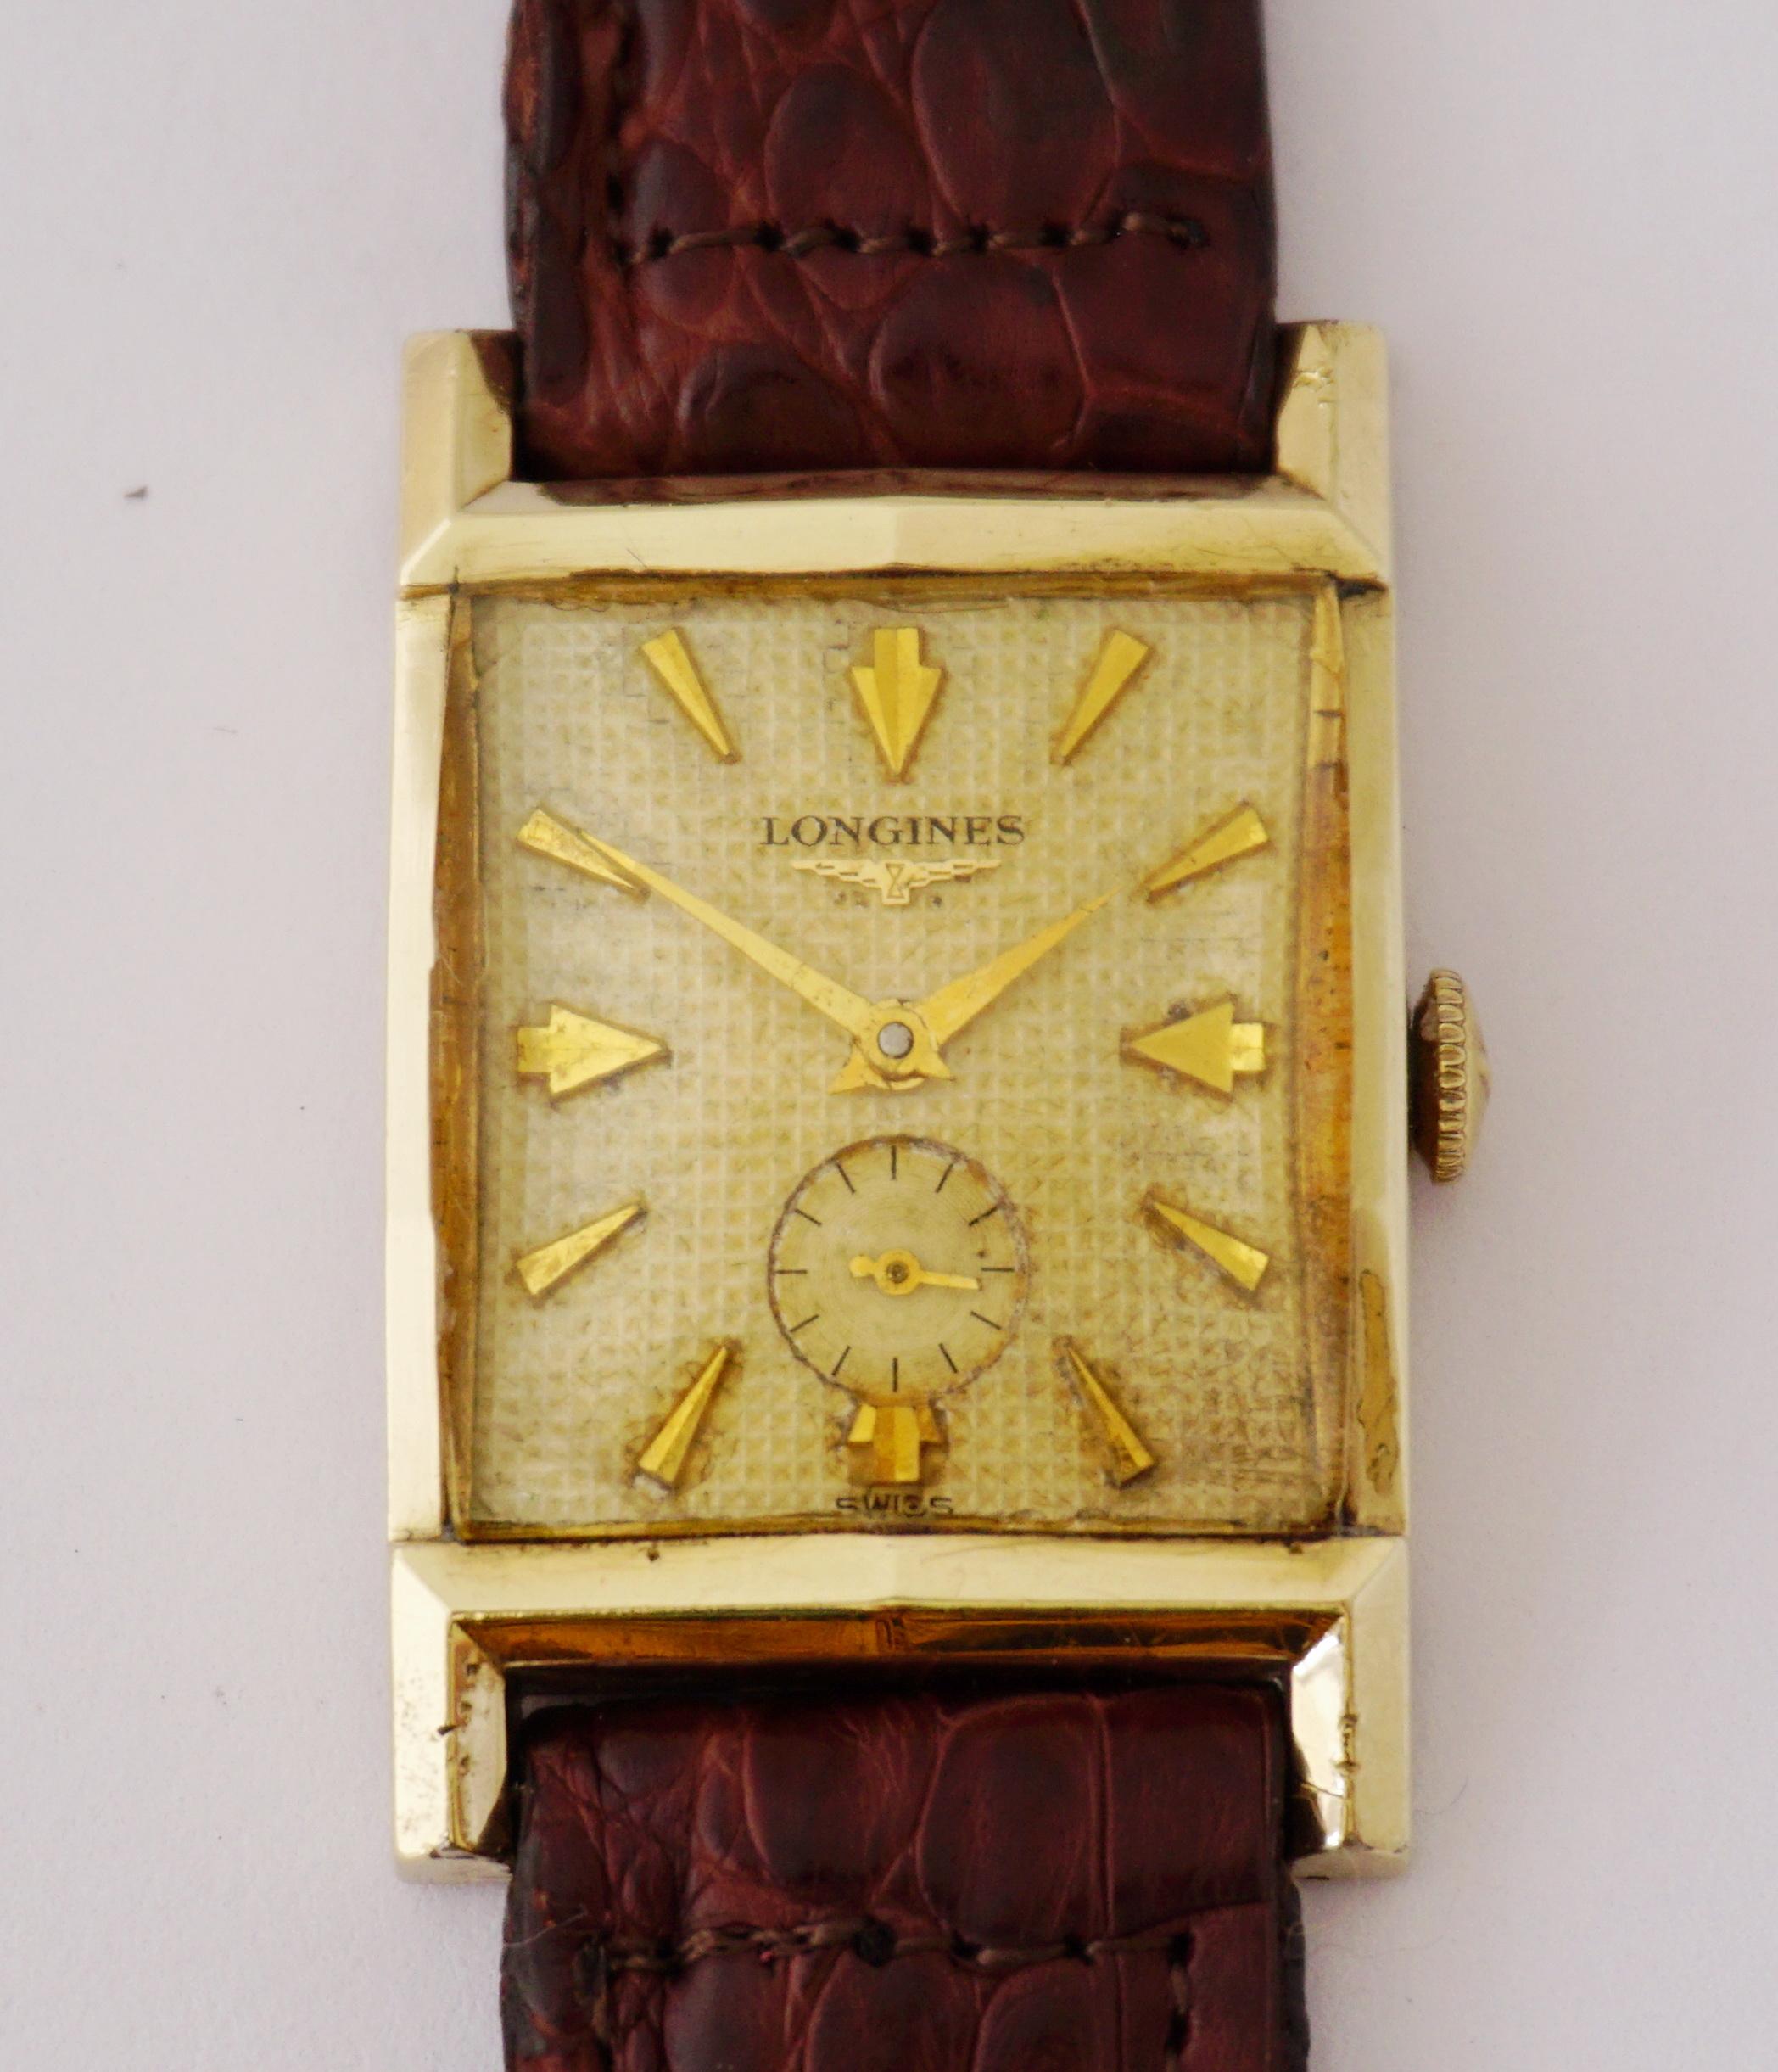 นาฬิกาเก่า LONGINES ไขลานสองเข็มครึ่ง